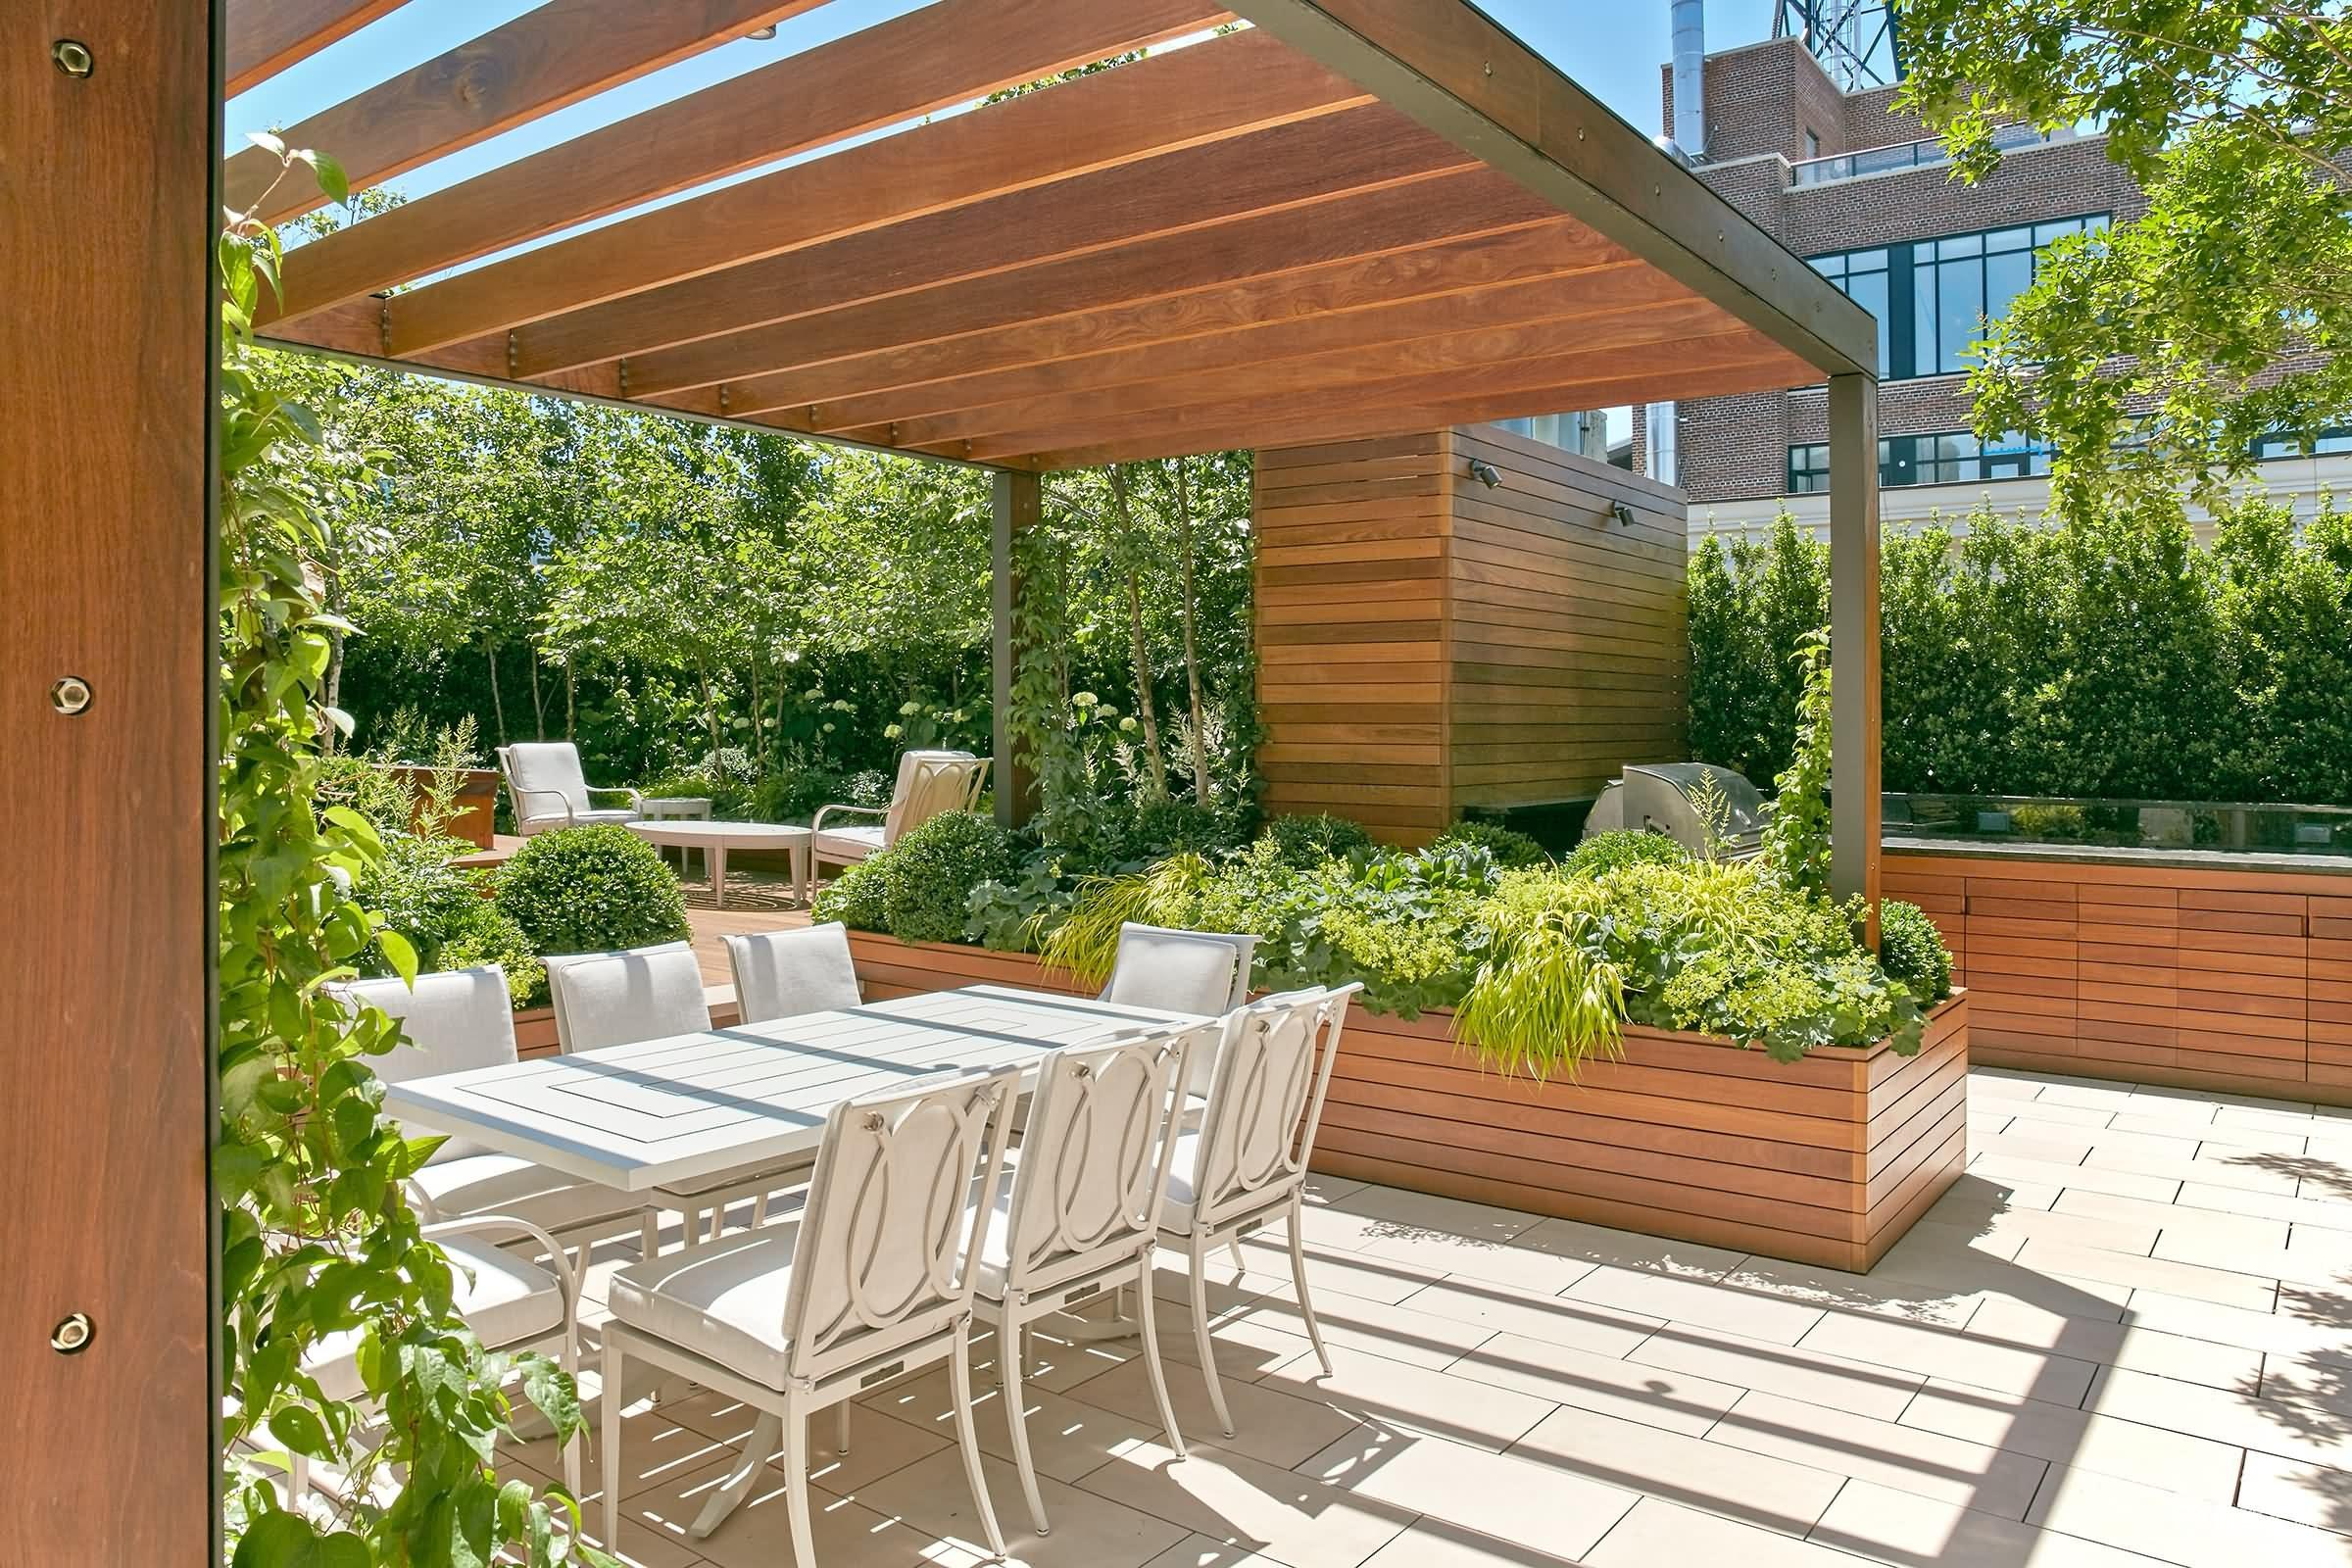 顶楼跃层露台花园图片:买顶楼跃层送露台不如就造一个屋顶花园